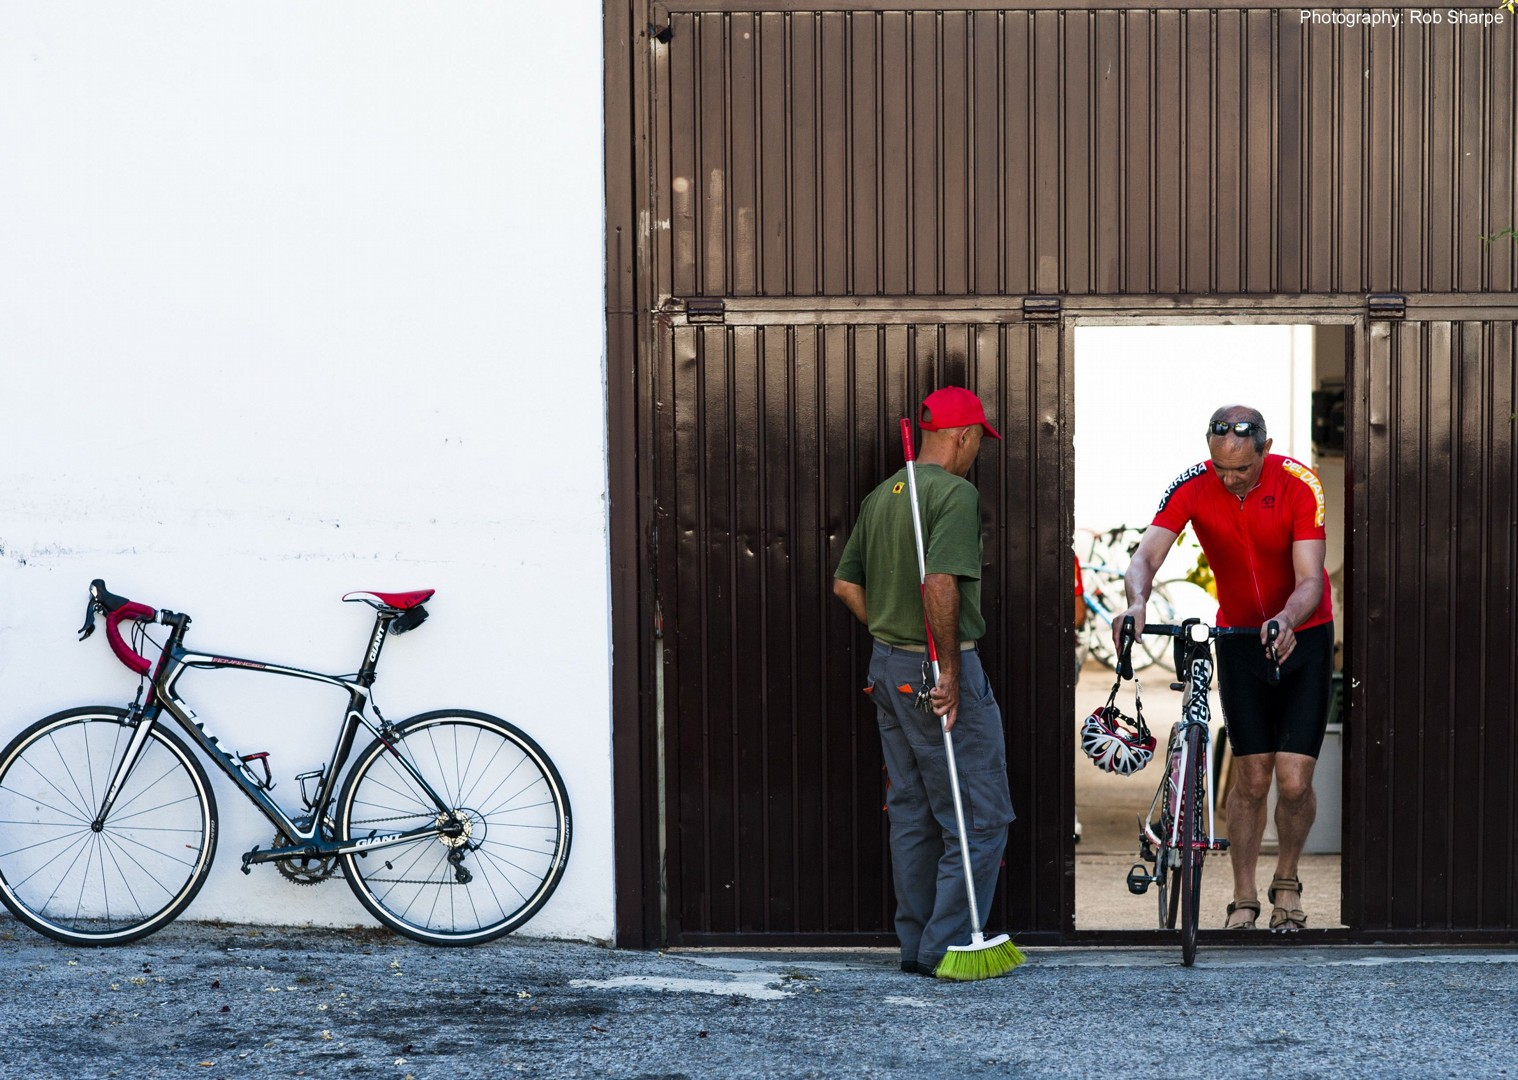 pueblosblancos2.jpg - Southern Spain - Andalucia - Los Pueblos Blancos - Road Cycling